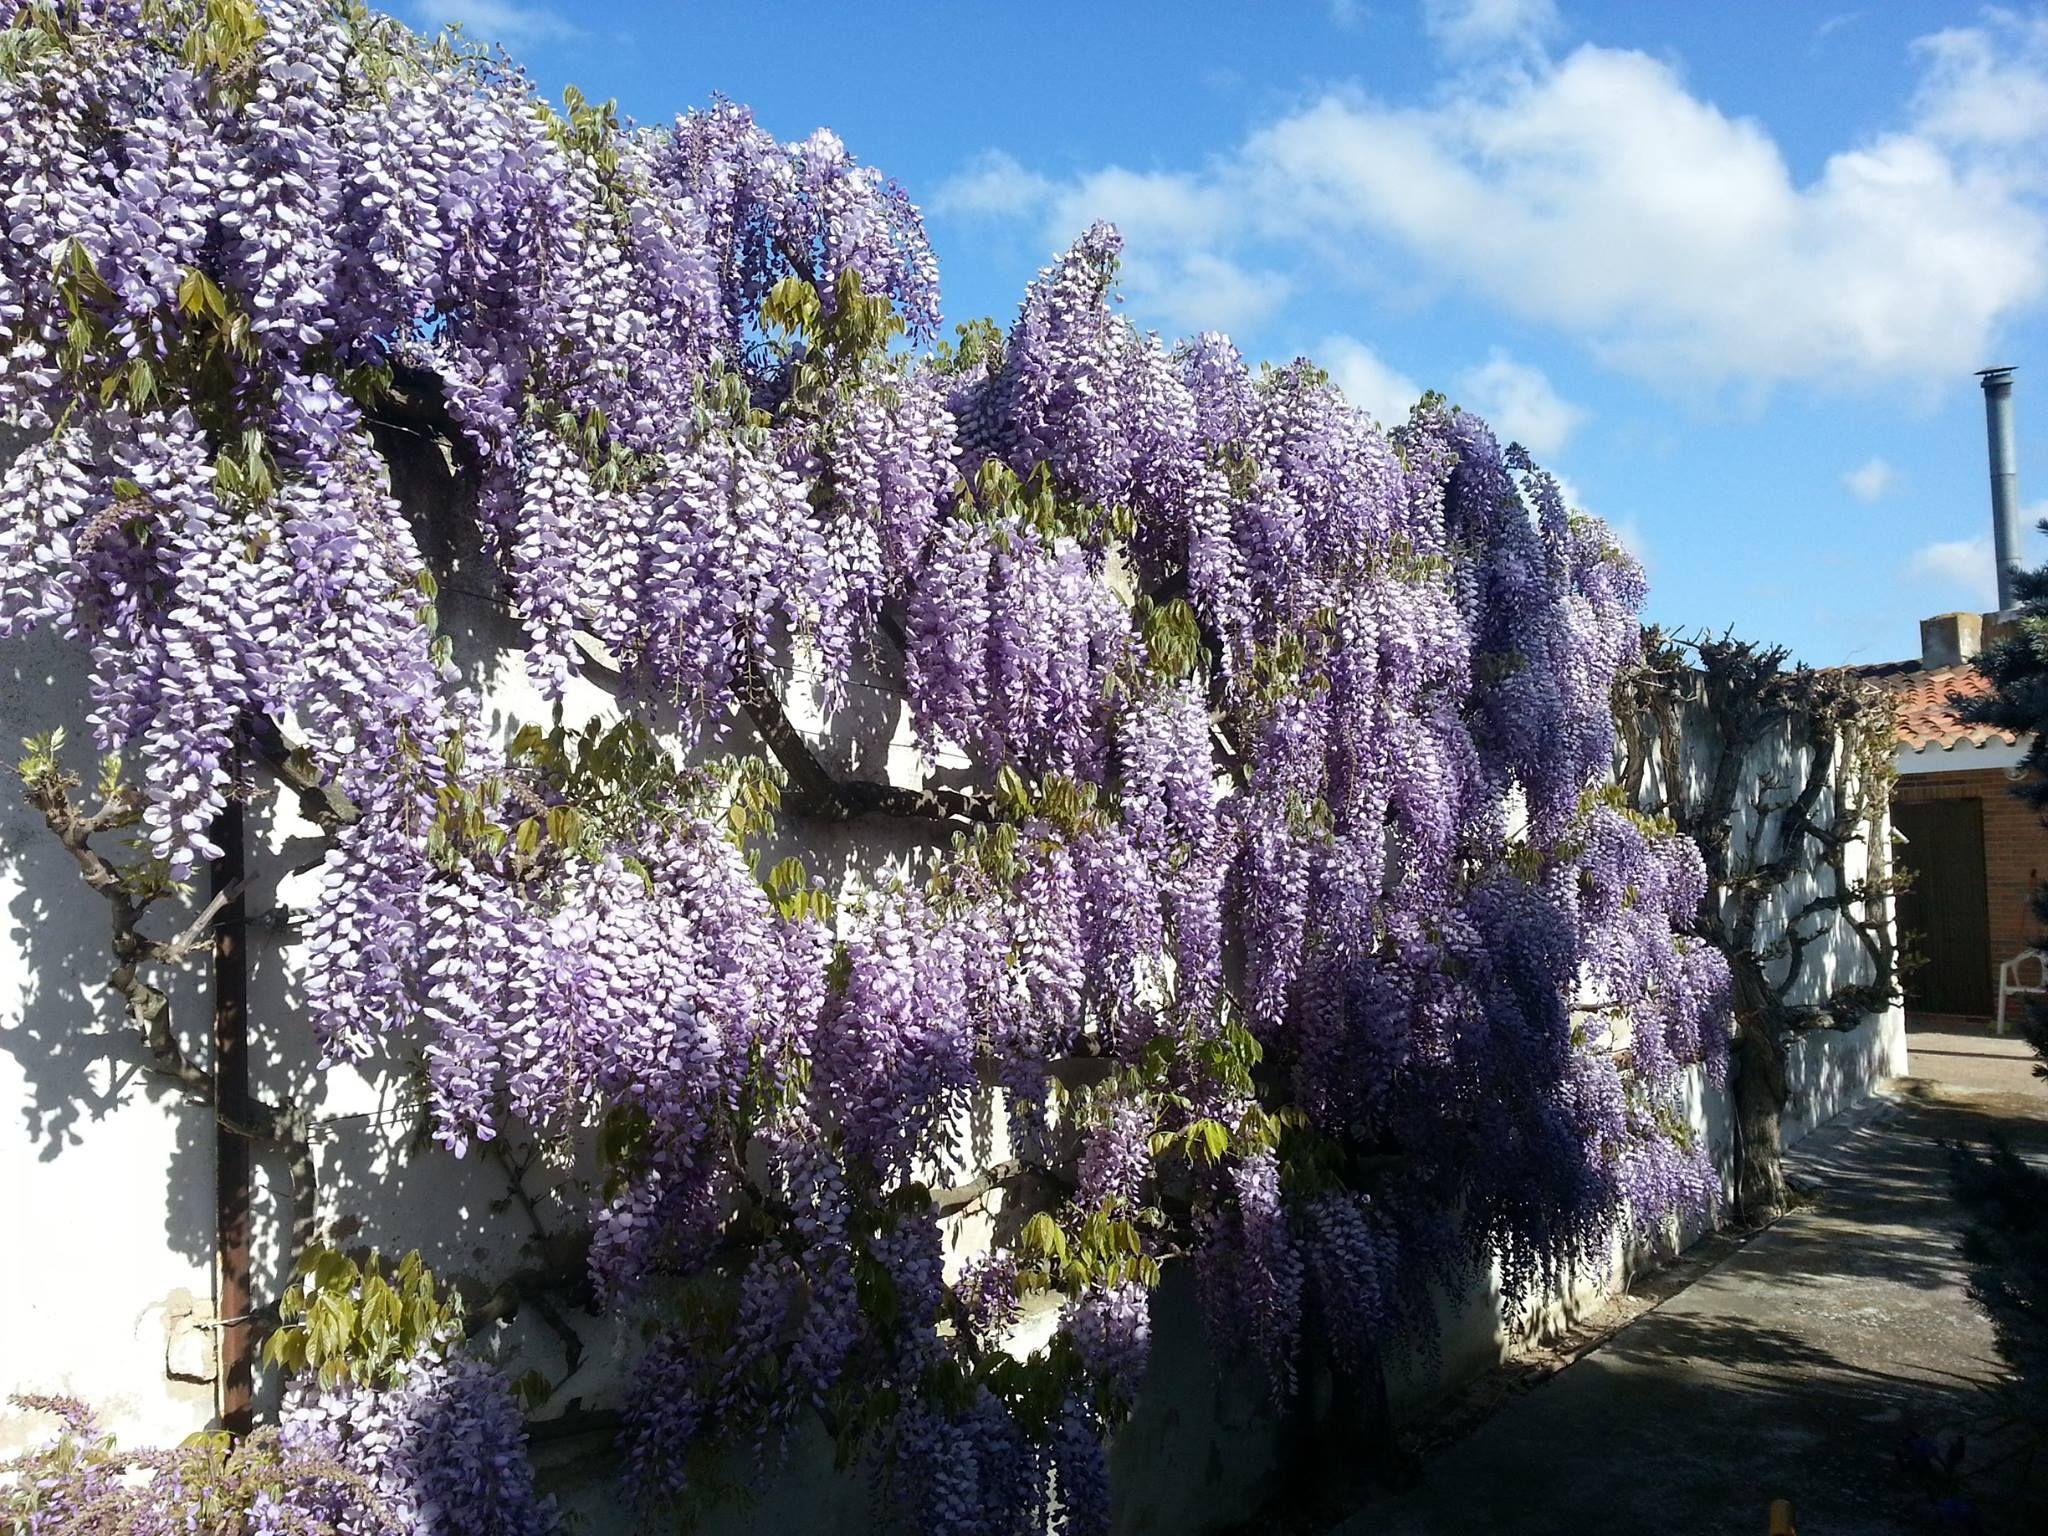 Floración la Glicinea o Wisteria. No dura mucho tiempo, pero es espectacular.